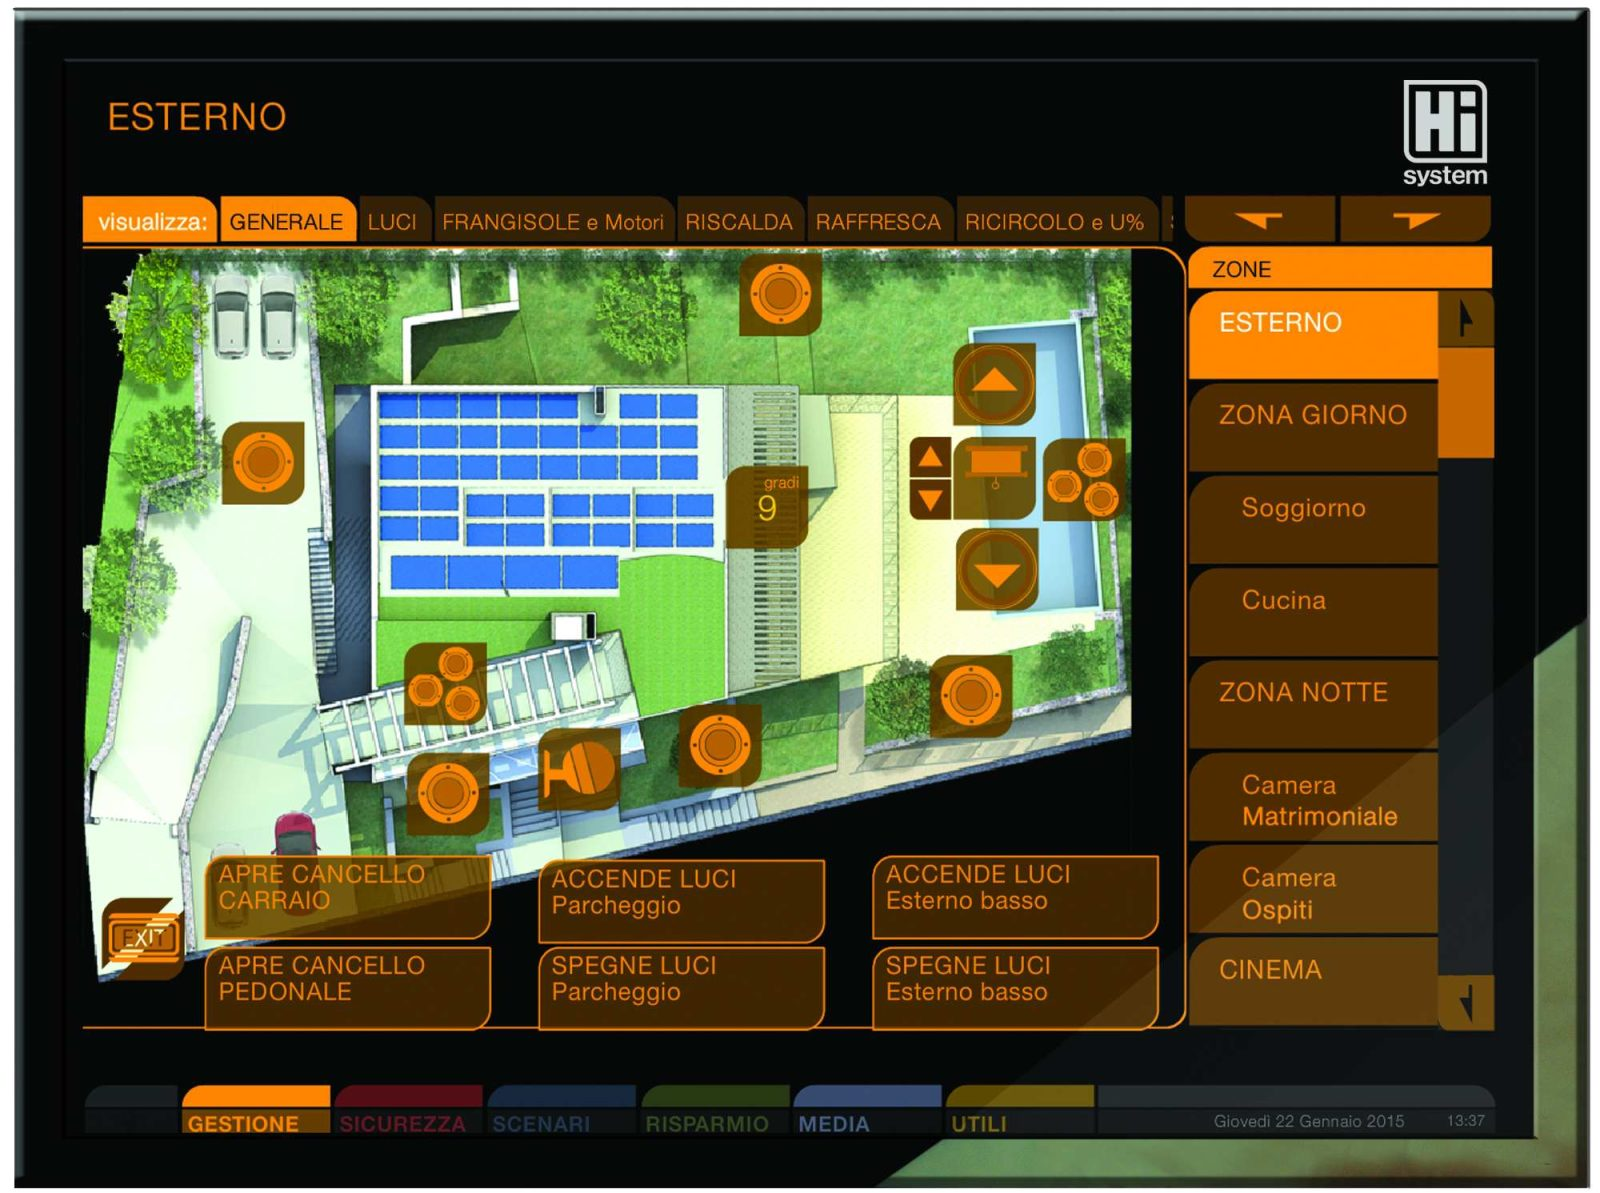 controllo remoto impianto domotico